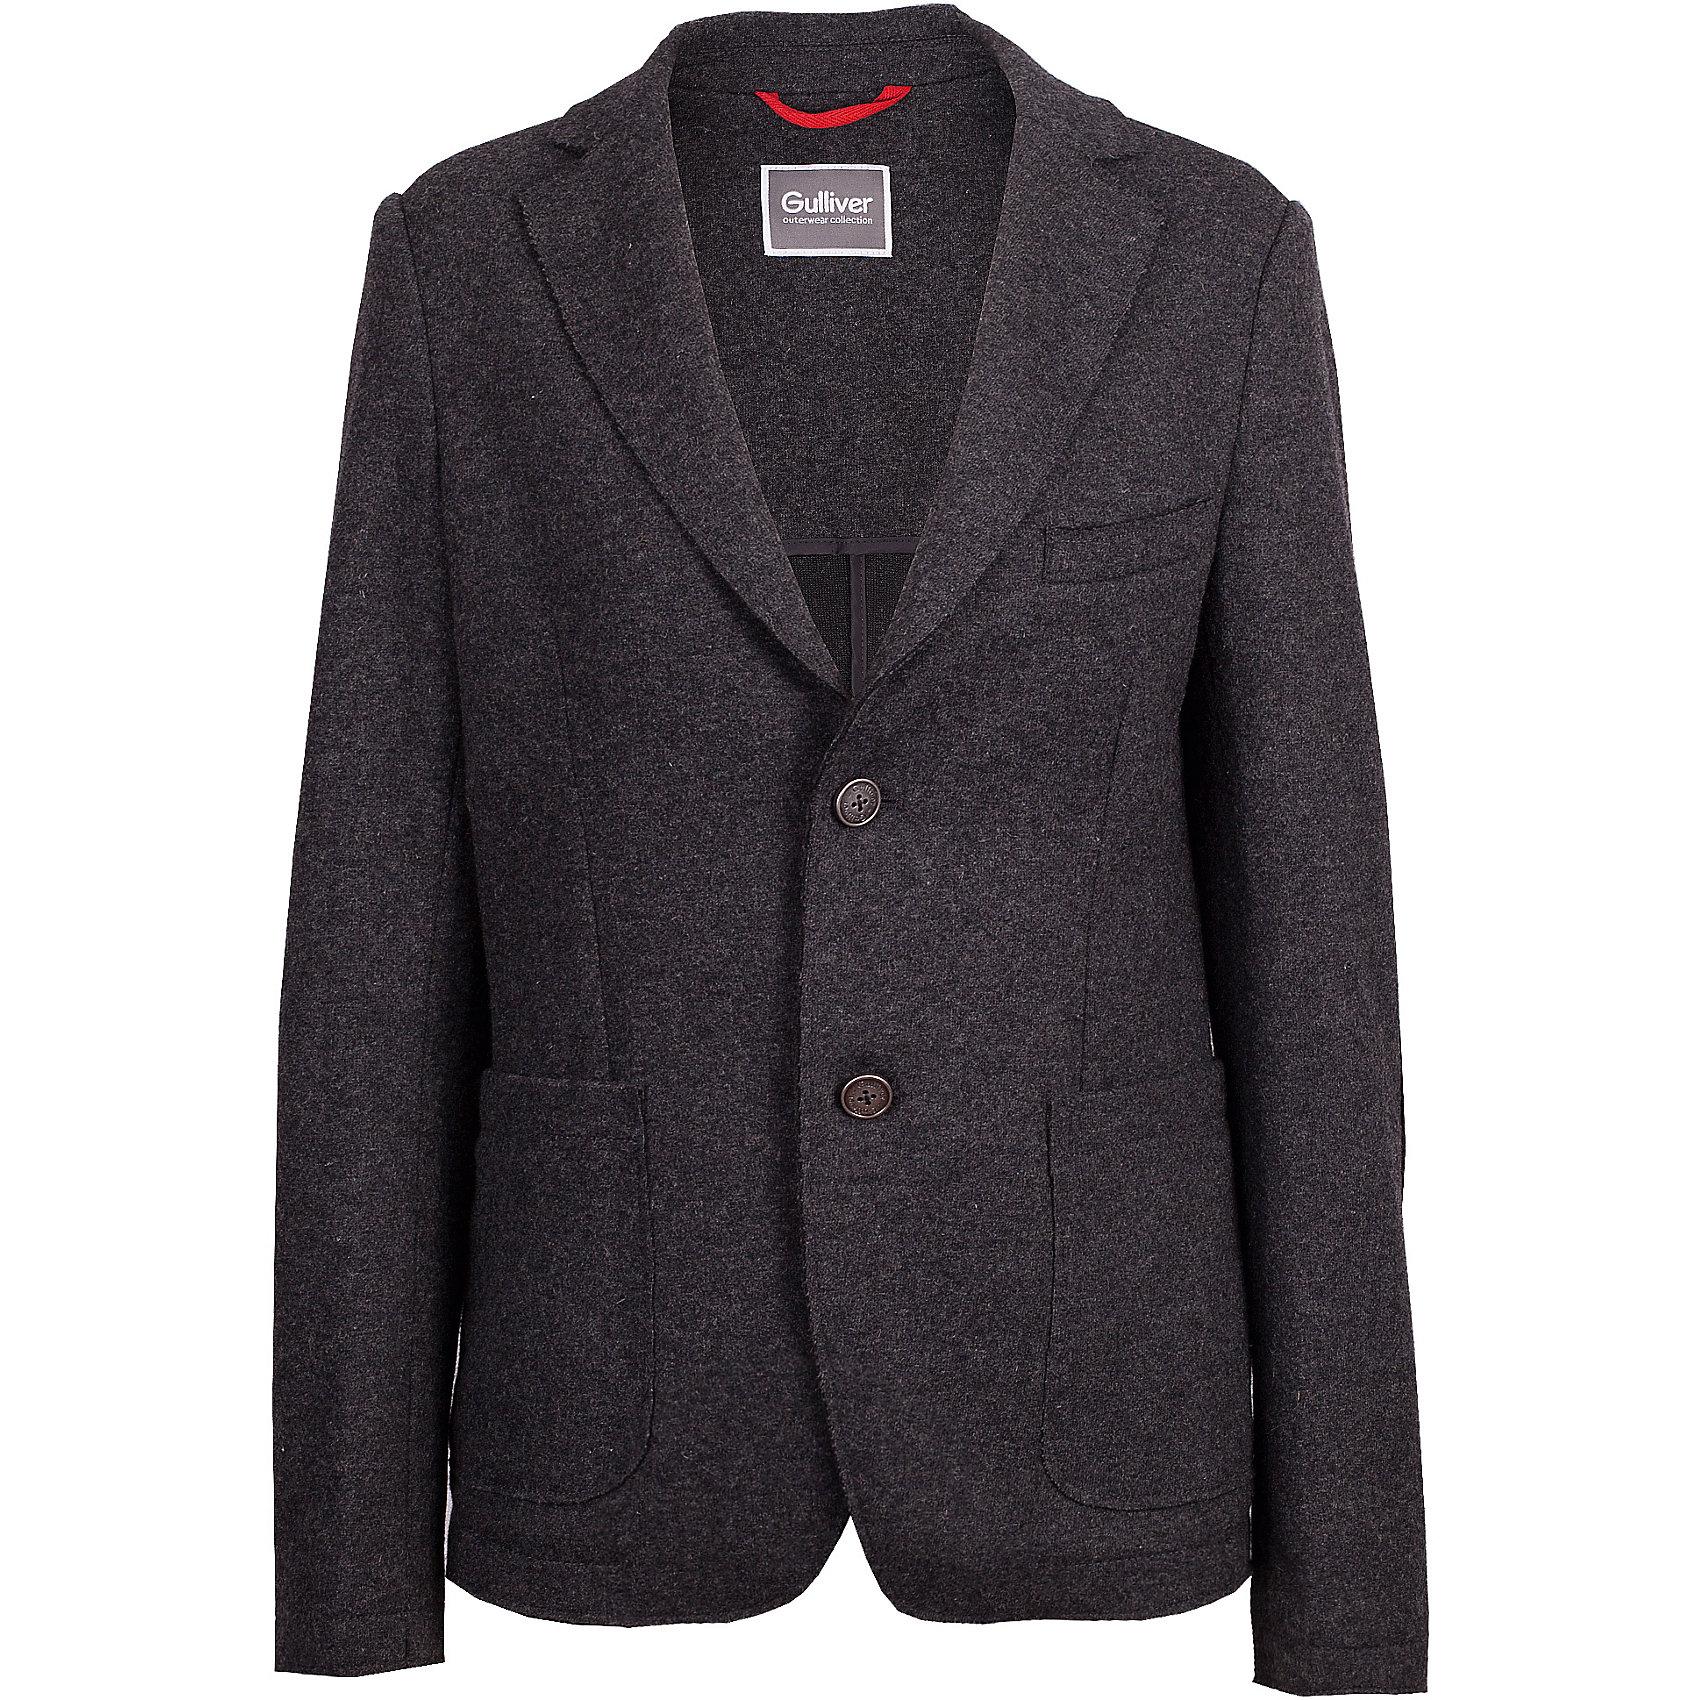 Пиджак Gulliver для мальчикаКостюмы и пиджаки<br>Пиджак Gulliver для мальчика<br>Какими бы красивыми и комфортными не были детские куртки, они никогда не заменят пальто! Пальто-даффлкот с детства делает ребенка джентльменом. Оно выглядит элегантно, изысканно и не уступает куртке в функциональности. Модное пальто из сукна глубокого синего цвета - прекрасная возможность подчеркнуть индивидуальность ребенка, сделав его осенний гардероб стильным и выразительным. Если вы хотите приобрести ребенку достойную вещь для осенней погоды, обратите внимание на это пальто! Модная, красивая, комфортная, практичная вещь станет ярким акцентом образа ребенка.<br>Состав:<br>верх: 50% шерсть 50% полиэстер; подкладка: 100% полиэстер<br><br>Ширина мм: 356<br>Глубина мм: 10<br>Высота мм: 245<br>Вес г: 519<br>Цвет: серый<br>Возраст от месяцев: 156<br>Возраст до месяцев: 168<br>Пол: Мужской<br>Возраст: Детский<br>Размер: 164,146,152,158<br>SKU: 7077319